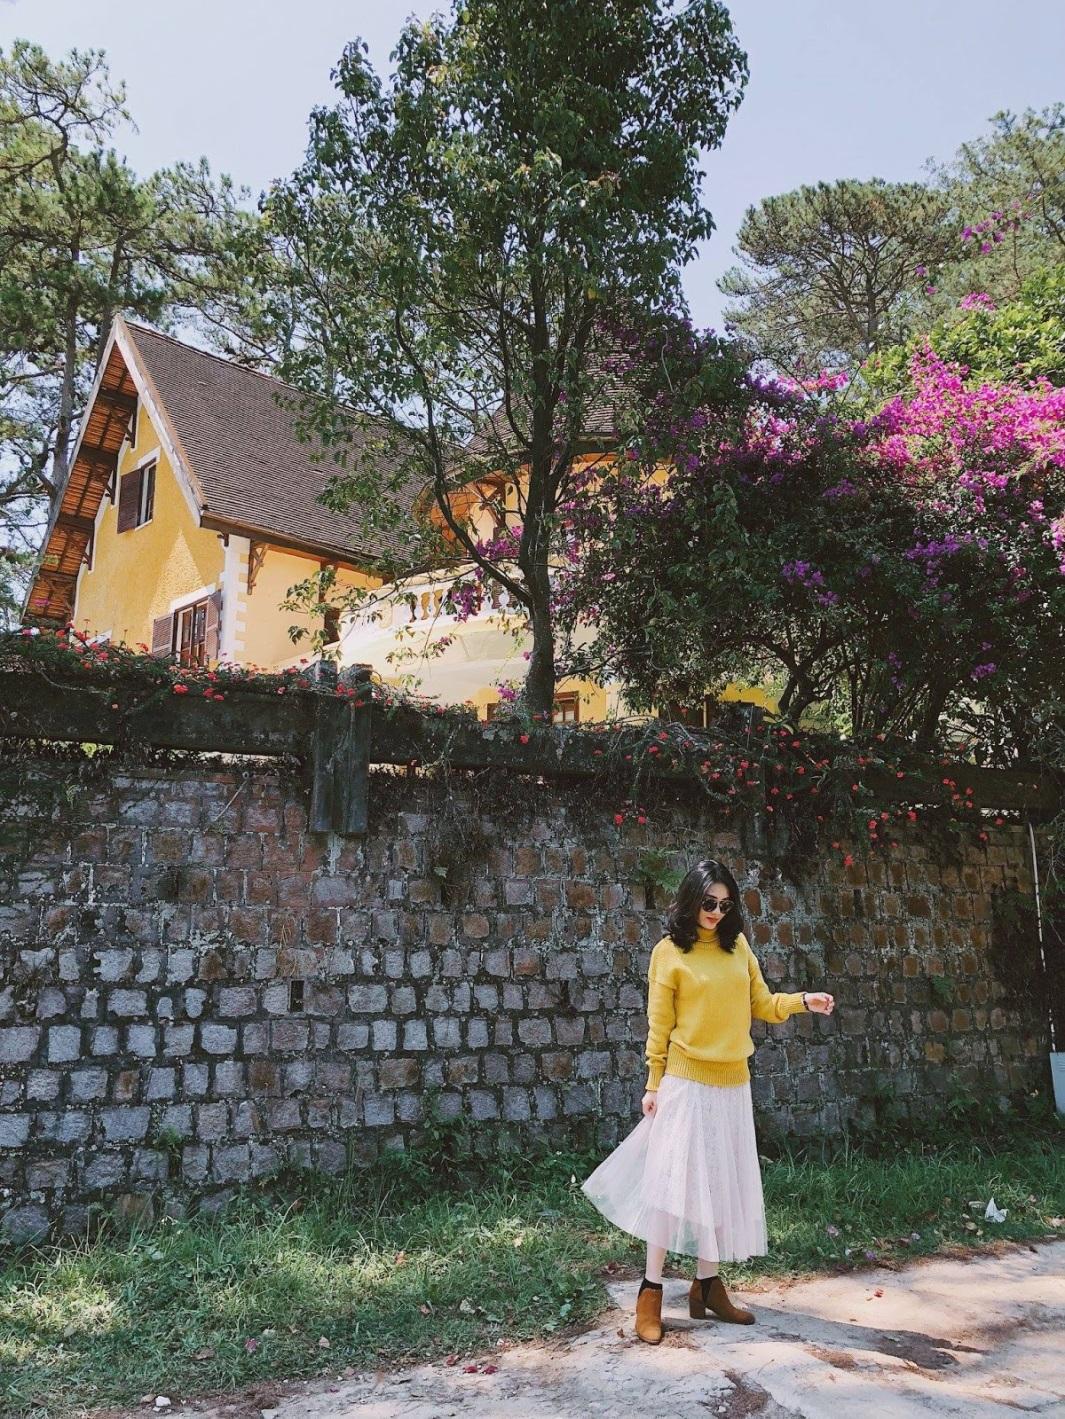 Ana Mandara Villas Dalat - Chốn bình yên để bạn đi tìm những ngày khác lạ - Ảnh 9.